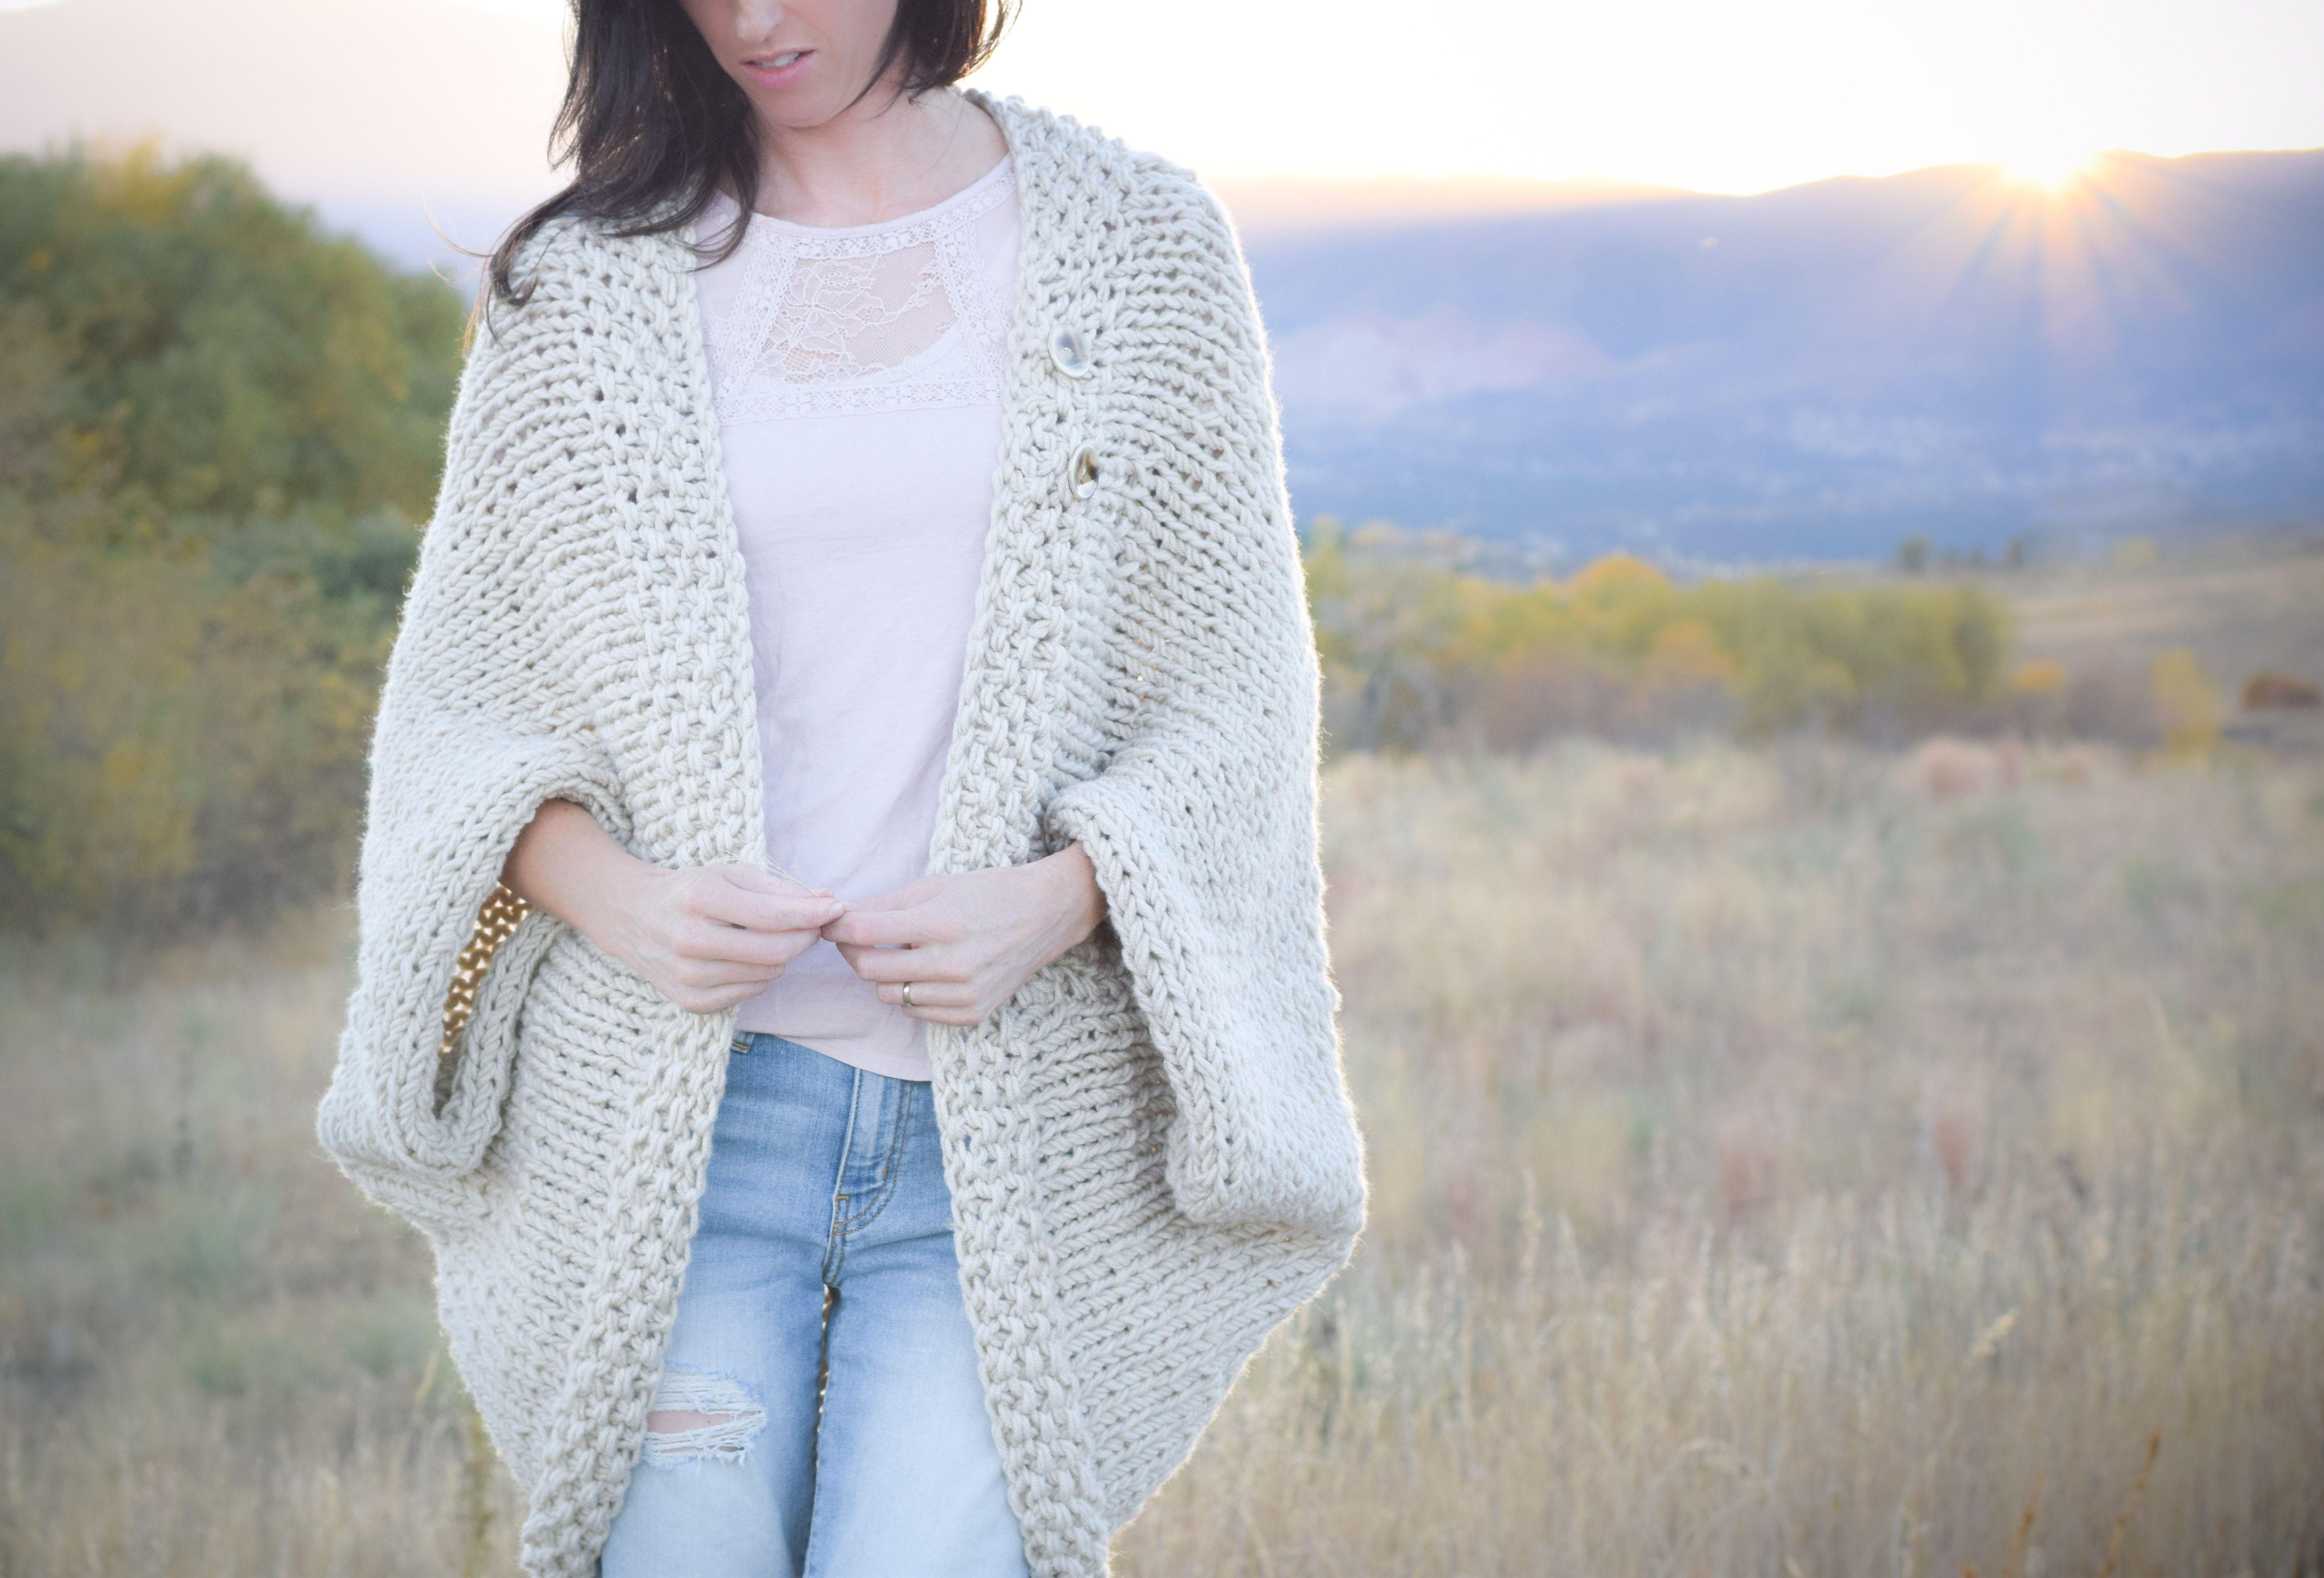 Easy-Knit-Blanket-Sweater-6.jpg (5217×3543) | Sobrepuestos ...